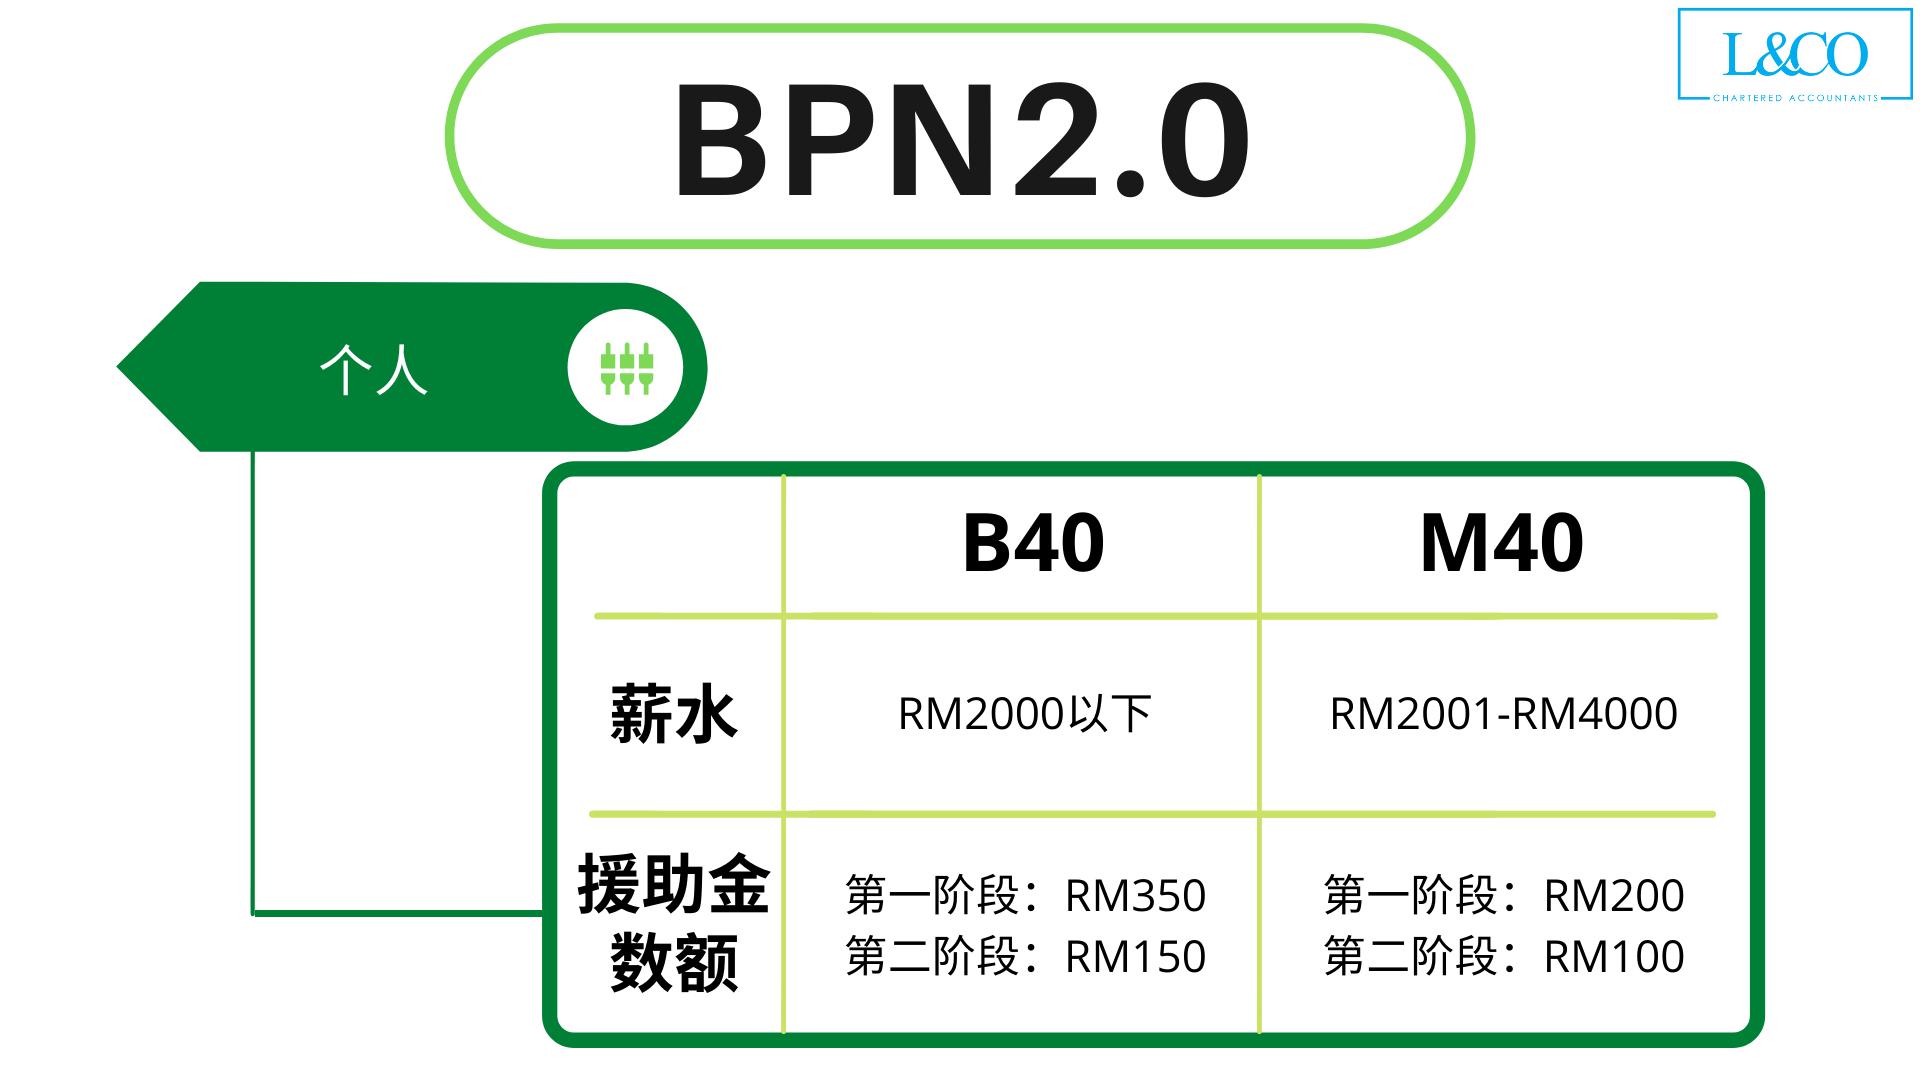 BPN2.0 单身类别申请详情